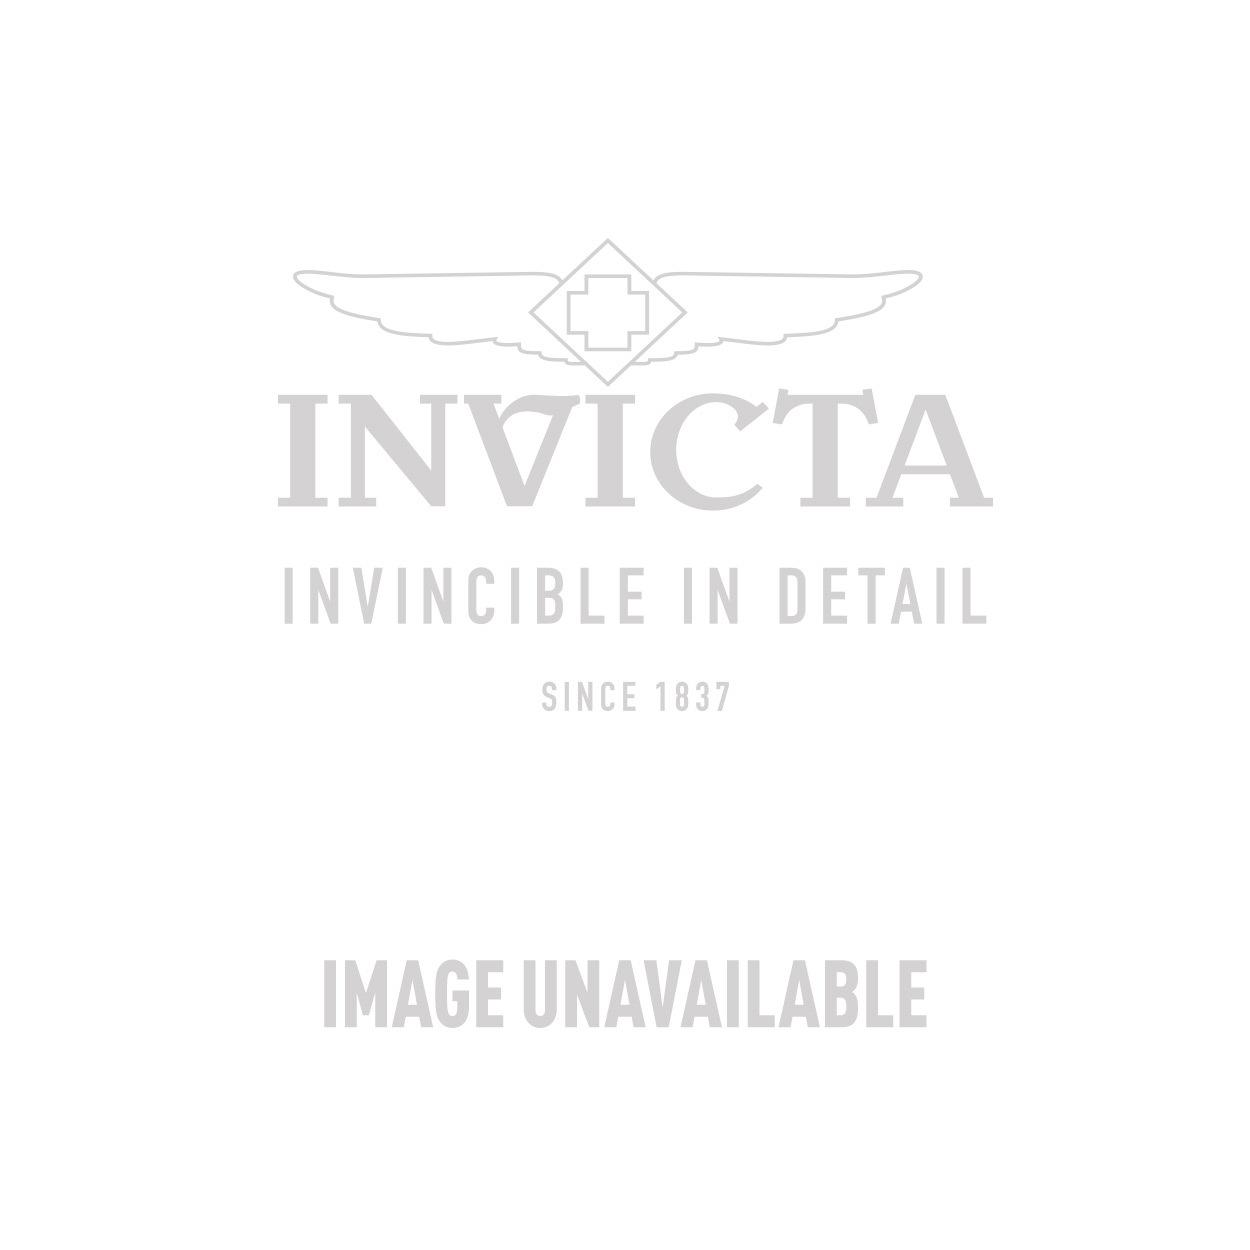 Invicta Model 26956